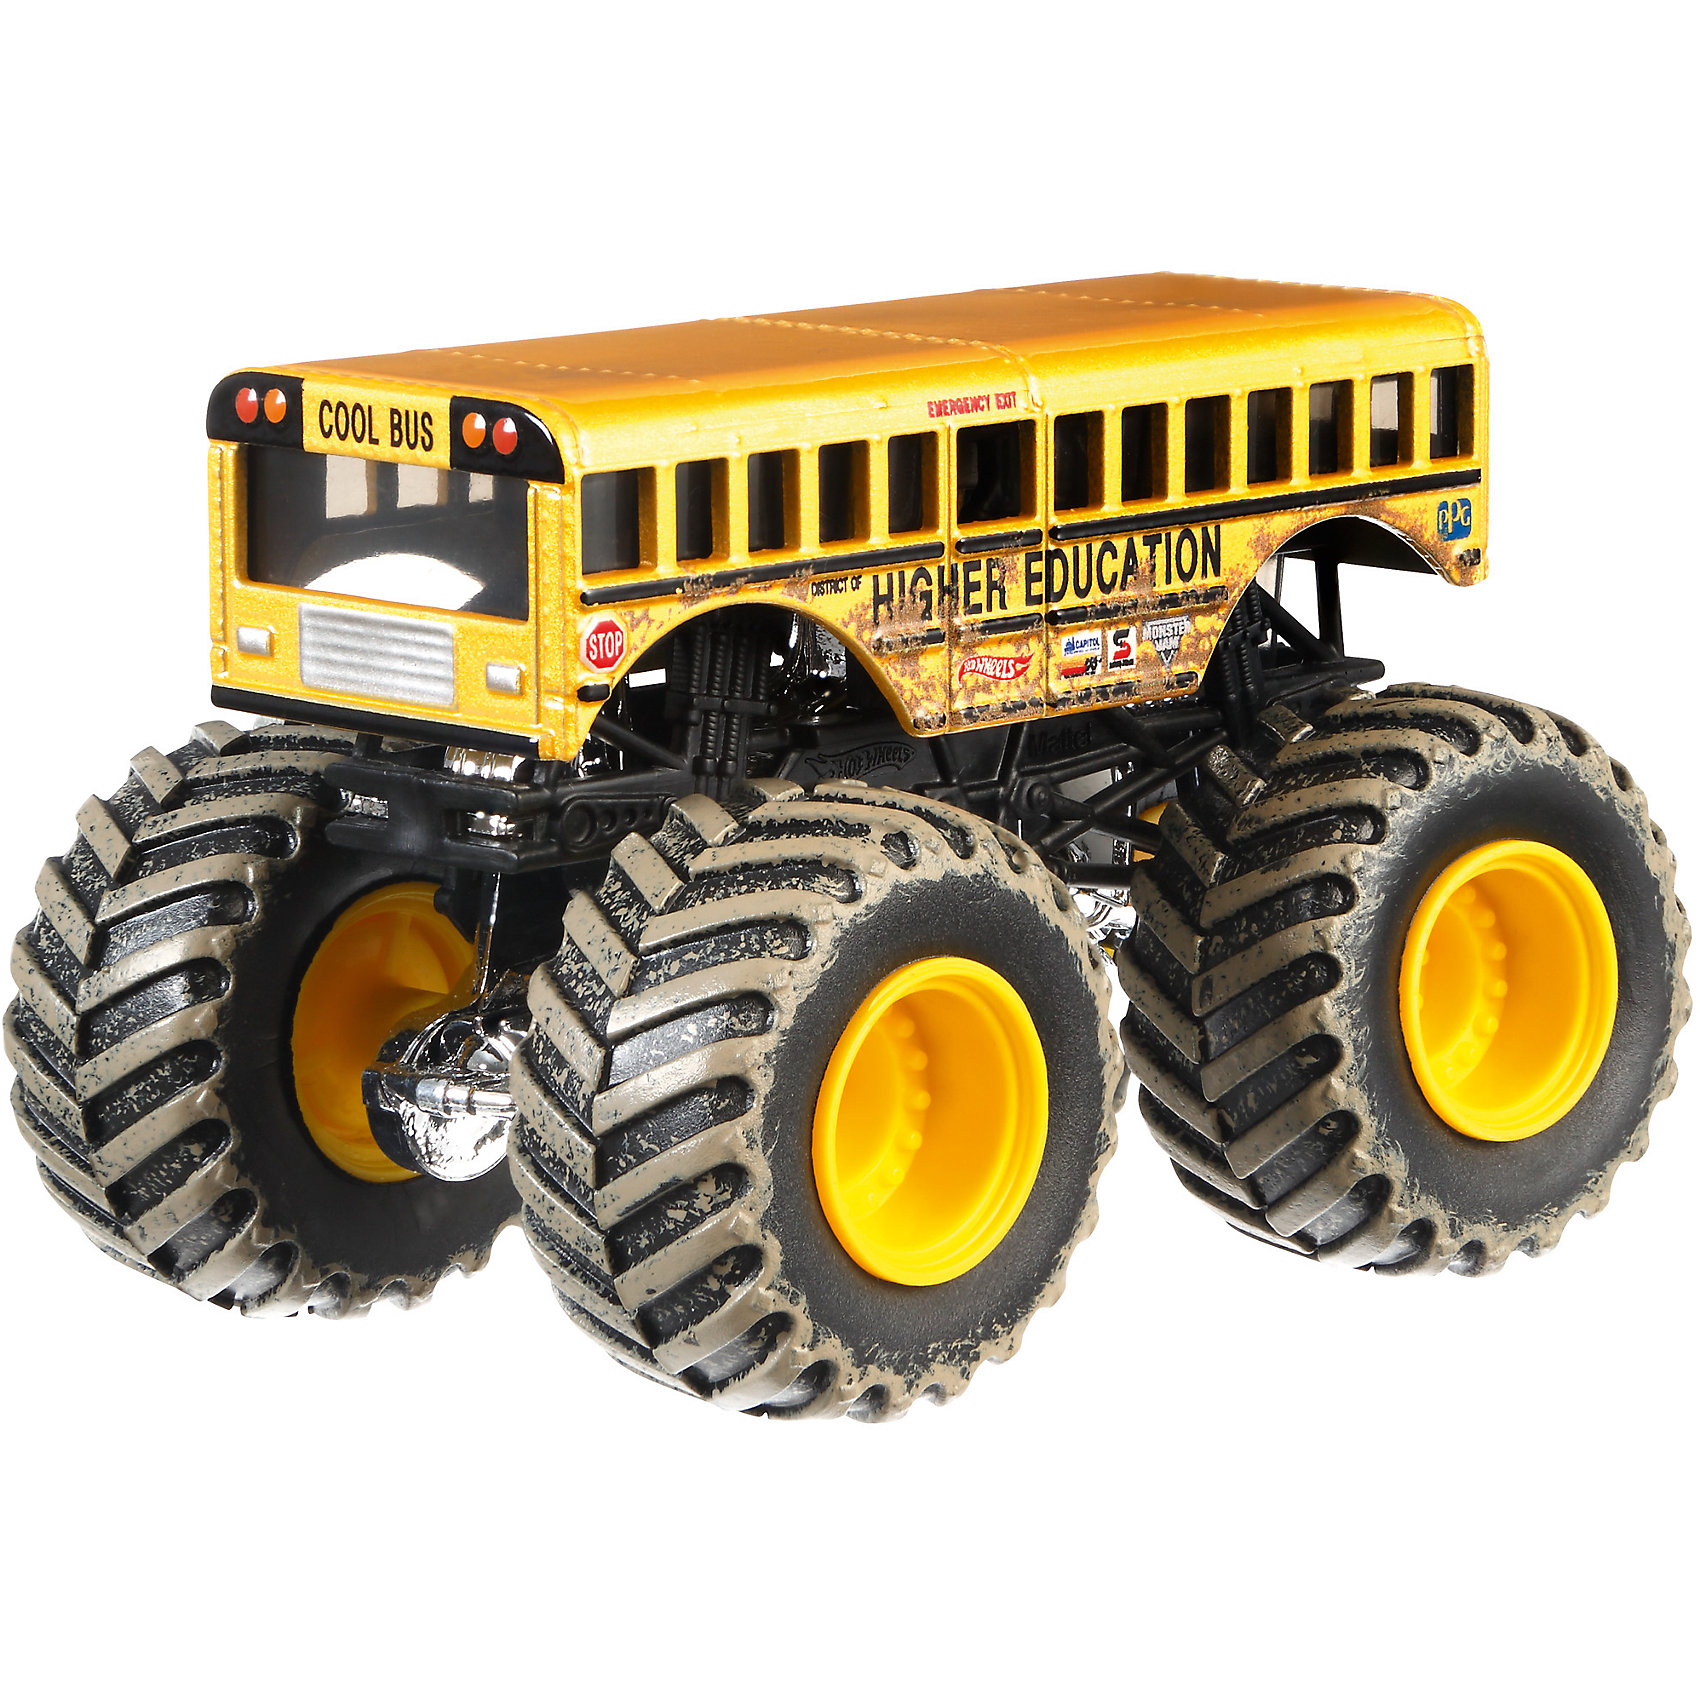 Машинка 1:64,  Monster Jam, Hot WheelsПопулярные игрушки<br>Машинки 1:64,  Monster jam, Hot Wheels (Хот Вилс) – эти машинки обязательно понравятся вашему ребенку. Monster Jam – это линейка популярных машинок Hot Wheels, которые без сомнения известны каждому мальчишке. Самые быстрые, самые яркие машинки, богатый ассортимент которых включает как копии настоящих авто, так и вымышленные автомобили. Перед вами копия трюковых внедорожников в масштабе 1:64. Большие колеса этих машинок способны с легкостью преодолевать препятствия, что делает их желанной игрушкой для юного гонщика. Литой корпус, хромированные диски. Автомобиль с неповторимым тюнингом оценят как дети, так и взрослые.  Дополнительная информация:  - В наборе: 1 машинка - Вес игрушки: 0,2 кг. - Размер упаковки: 17,5х14х6,5 см.  Машинку 1:64,  Monster jam, Hot Wheels (Хот Вилс), можно купить в нашем интернет-магазине.<br><br>Ширина мм: 65<br>Глубина мм: 140<br>Высота мм: 175<br>Вес г: 130<br>Возраст от месяцев: 36<br>Возраст до месяцев: 84<br>Пол: Мужской<br>Возраст: Детский<br>SKU: 4744557